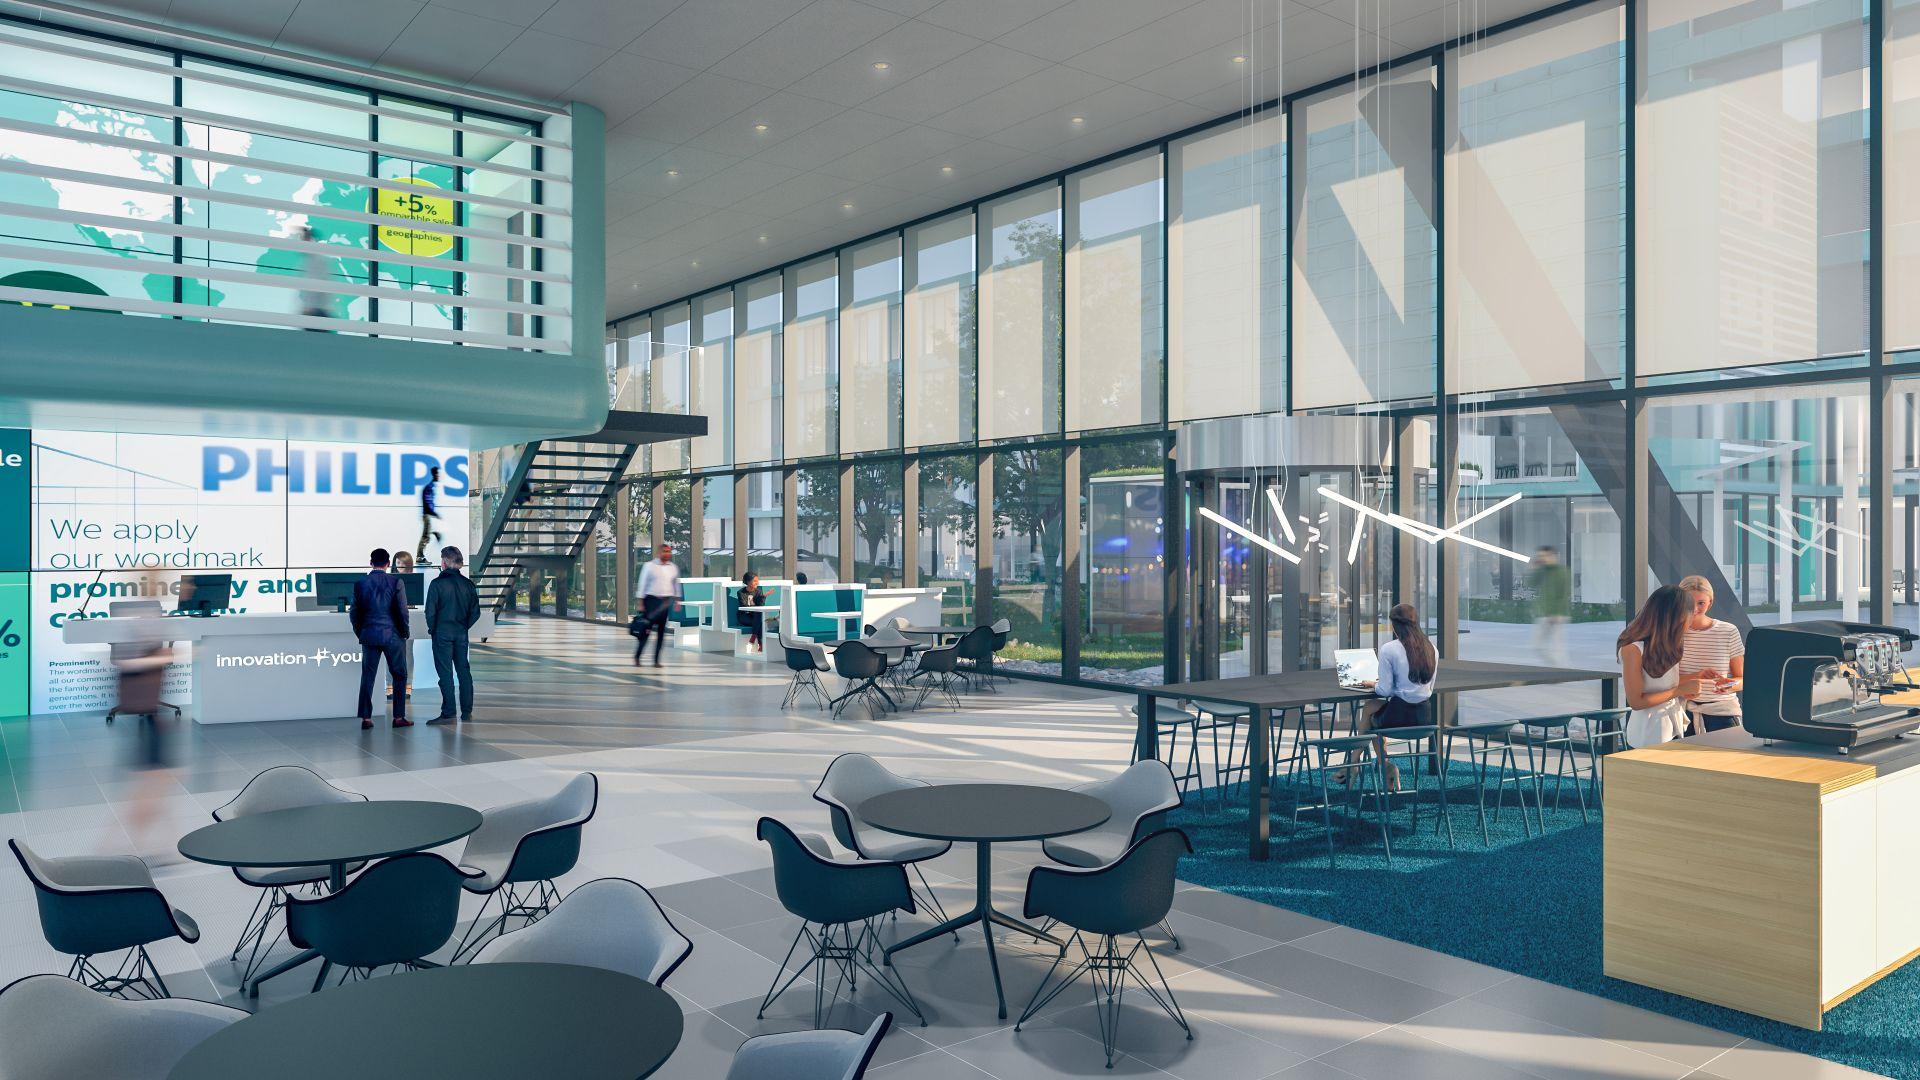 Hoofdkantoor Philips Benelux in Eindhoven van Boschdijk naar High Tech Campus Eindhoven